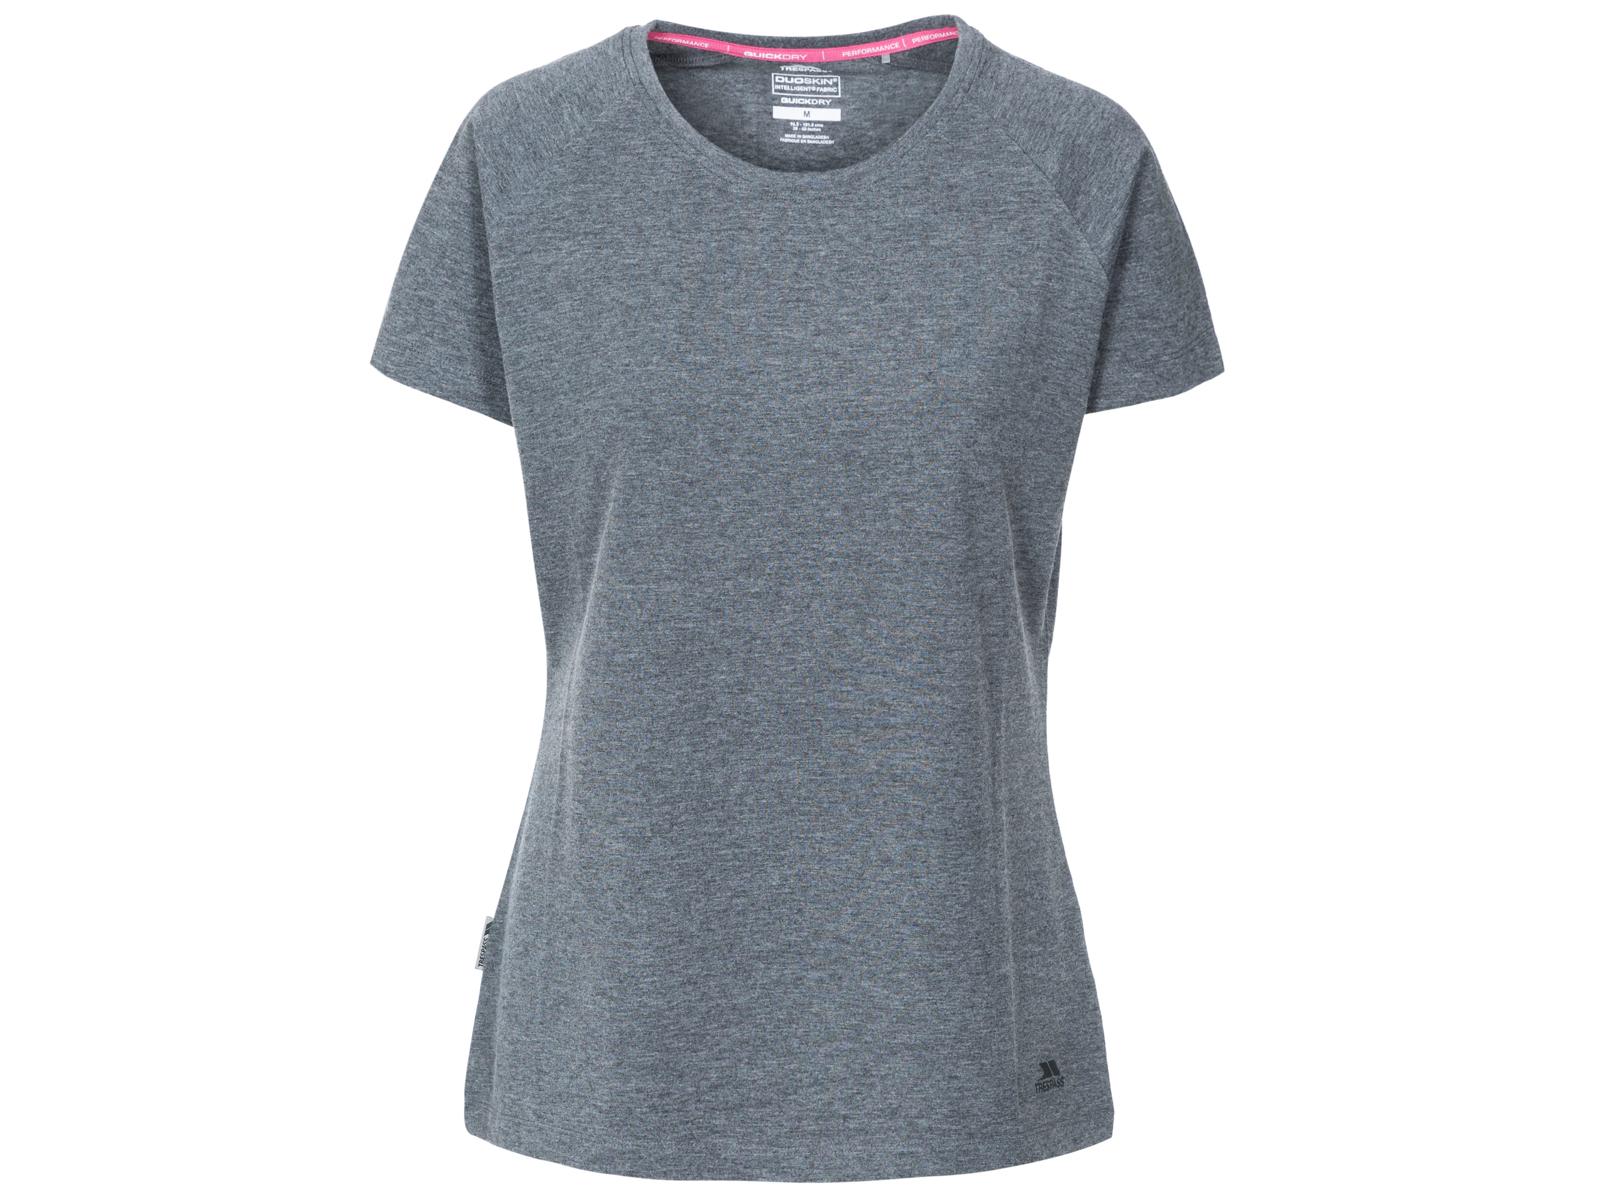 Trespass Benita T skjorte for kvinner Svart (NOK 175,00)